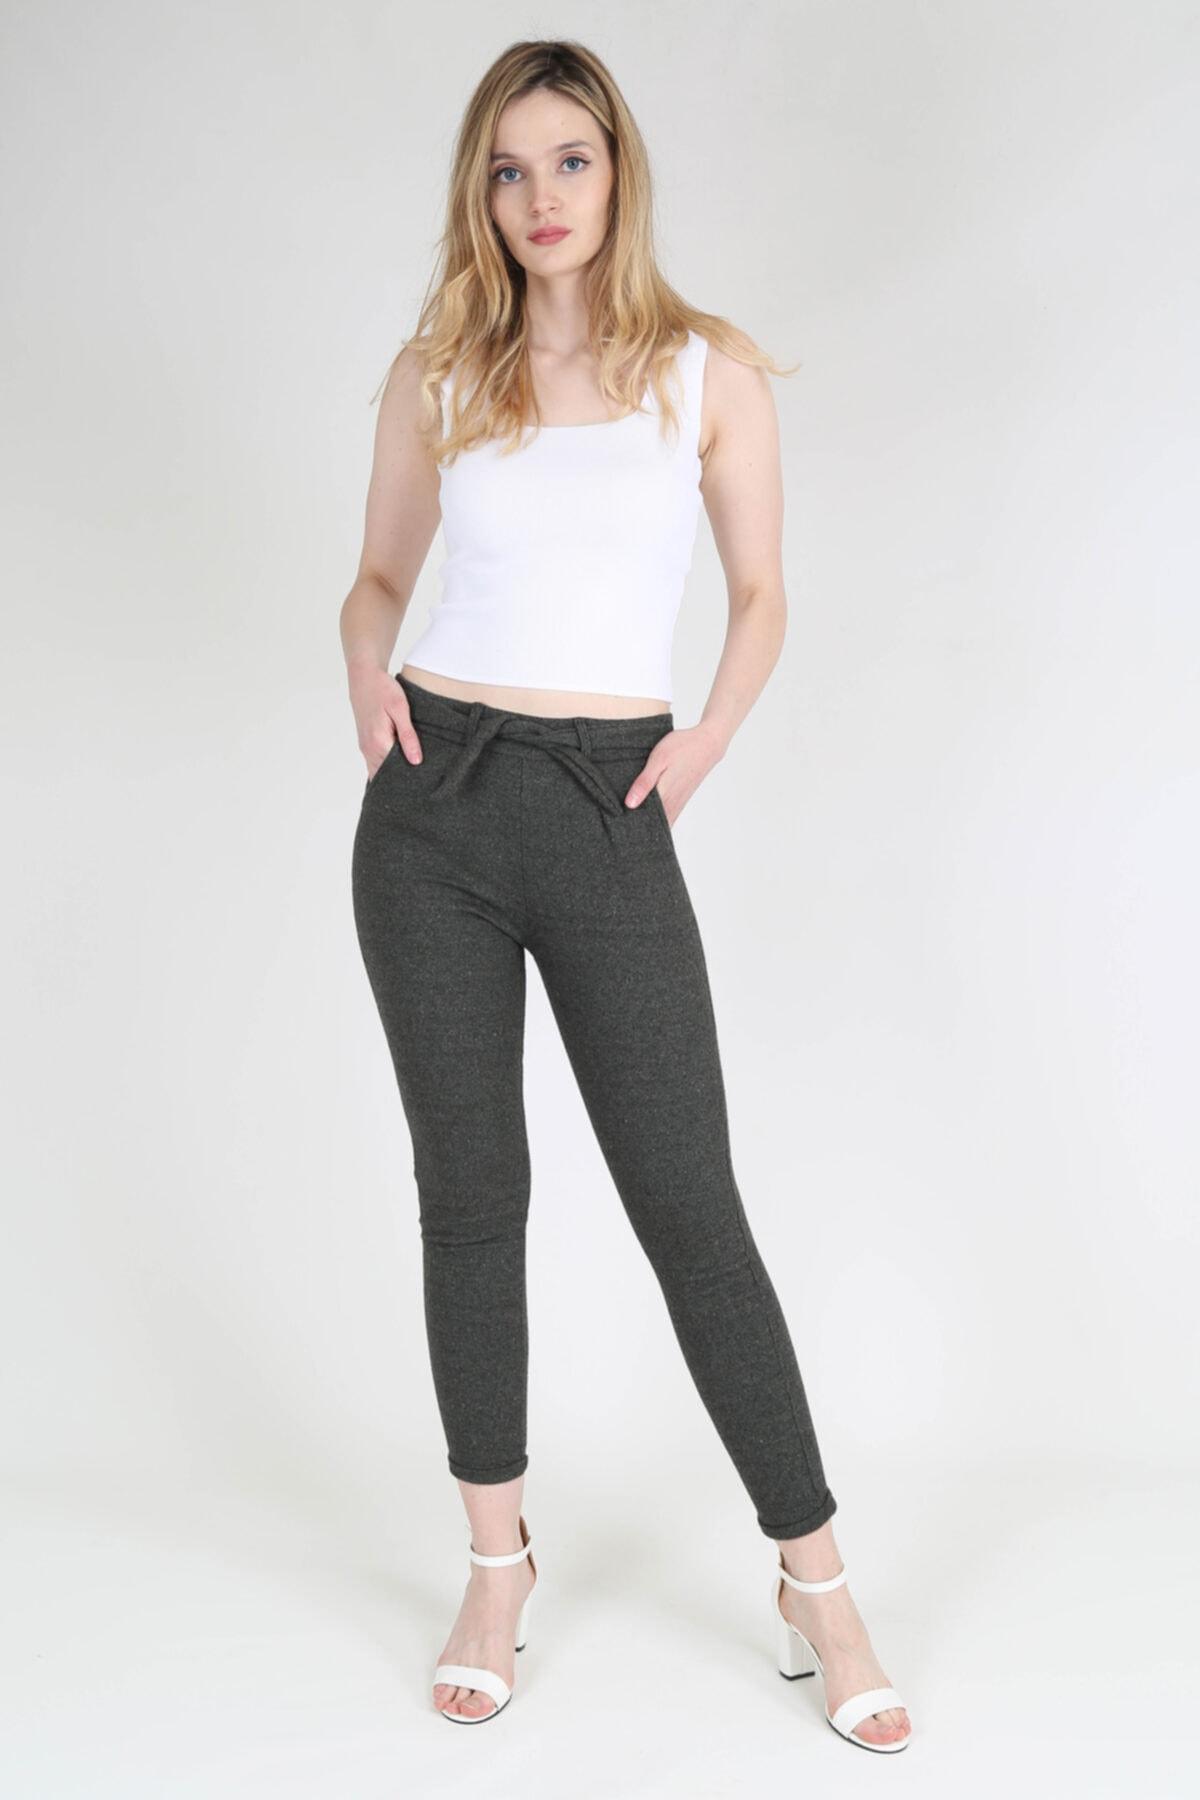 rubbyrush Kadın Haki Kuşaklı Pantolon - Rb0126 1